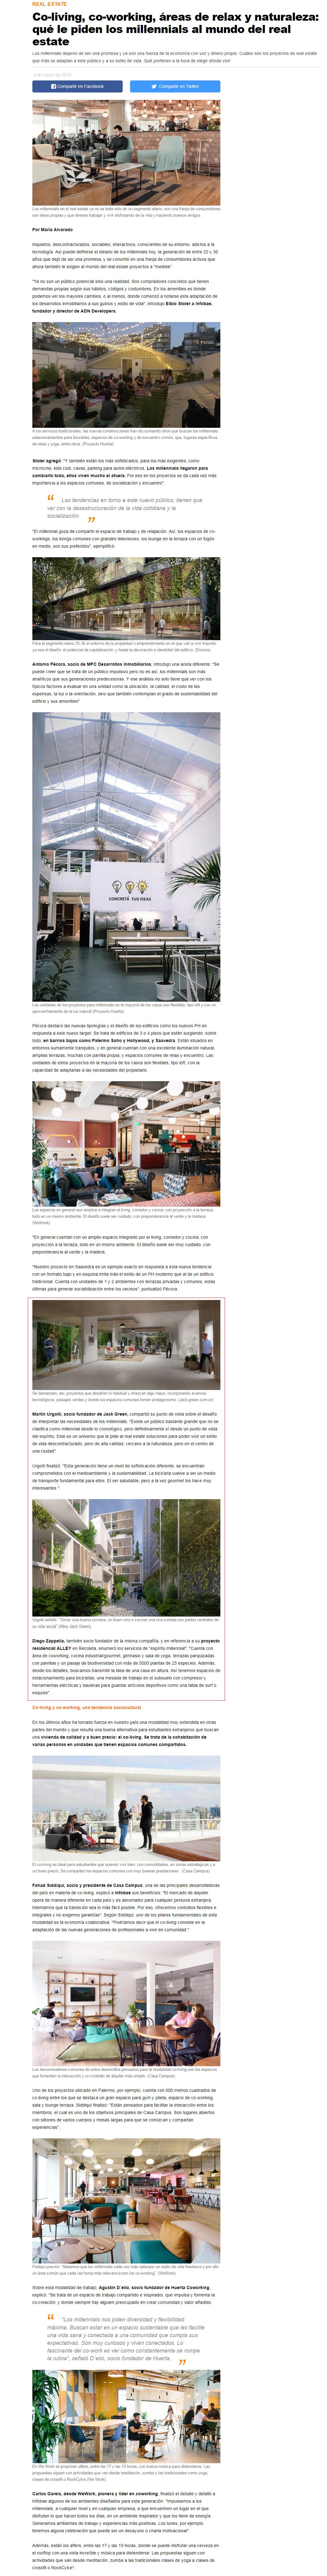 04-03-2019- Infobae- Co-living, co-working, áreas de relax y naturaleza qué le piden los millennials al mundo del real estate